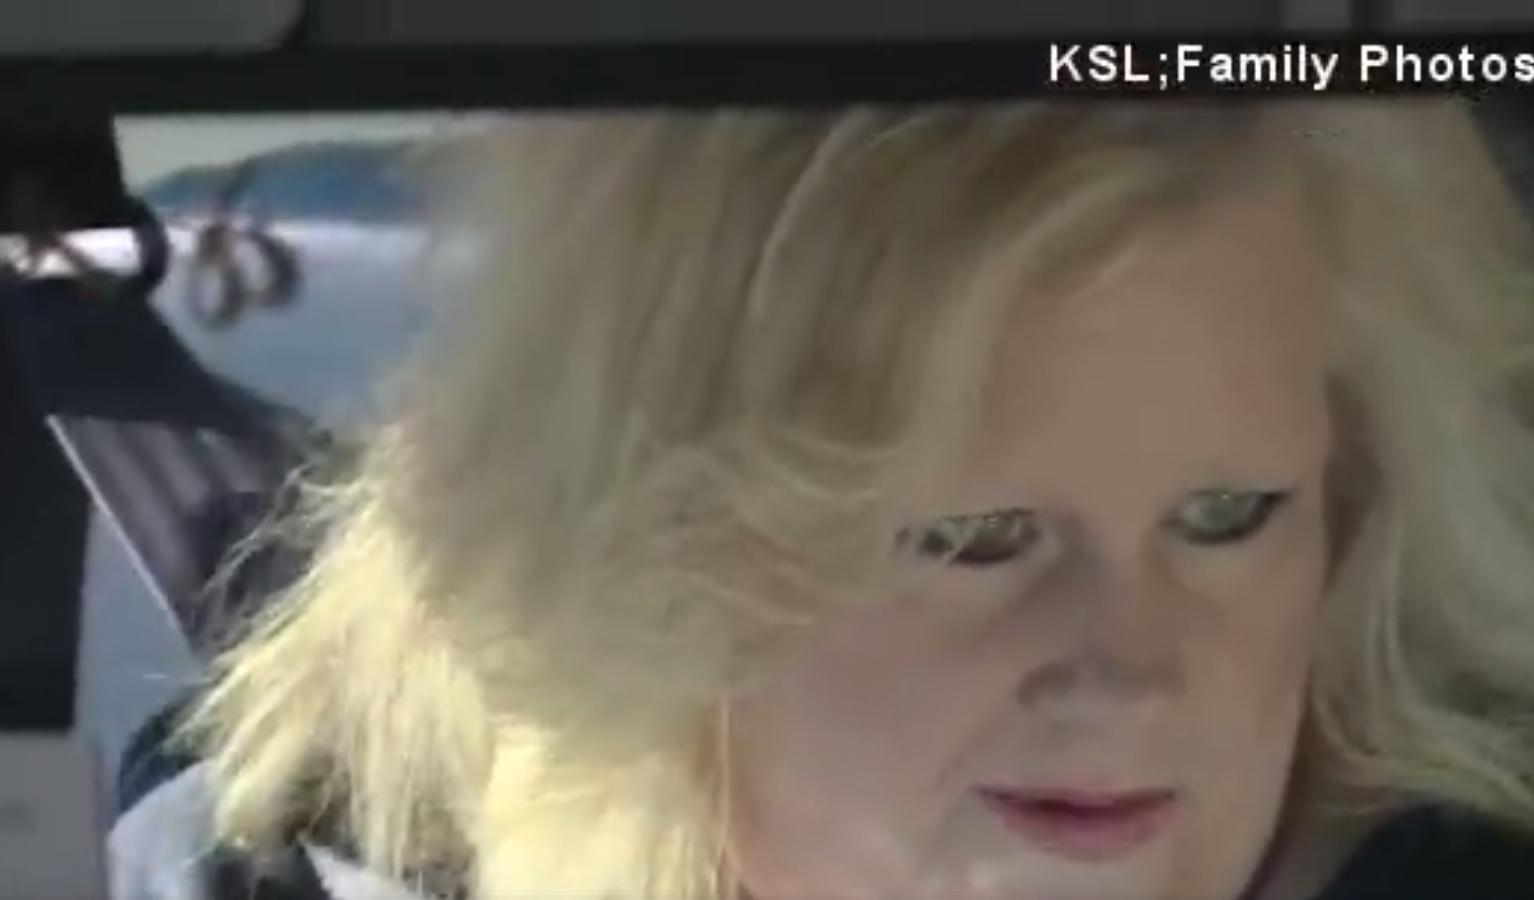 Motorista de ônibus faz trança todas as manhãs em garota que perdeu a mãe 3